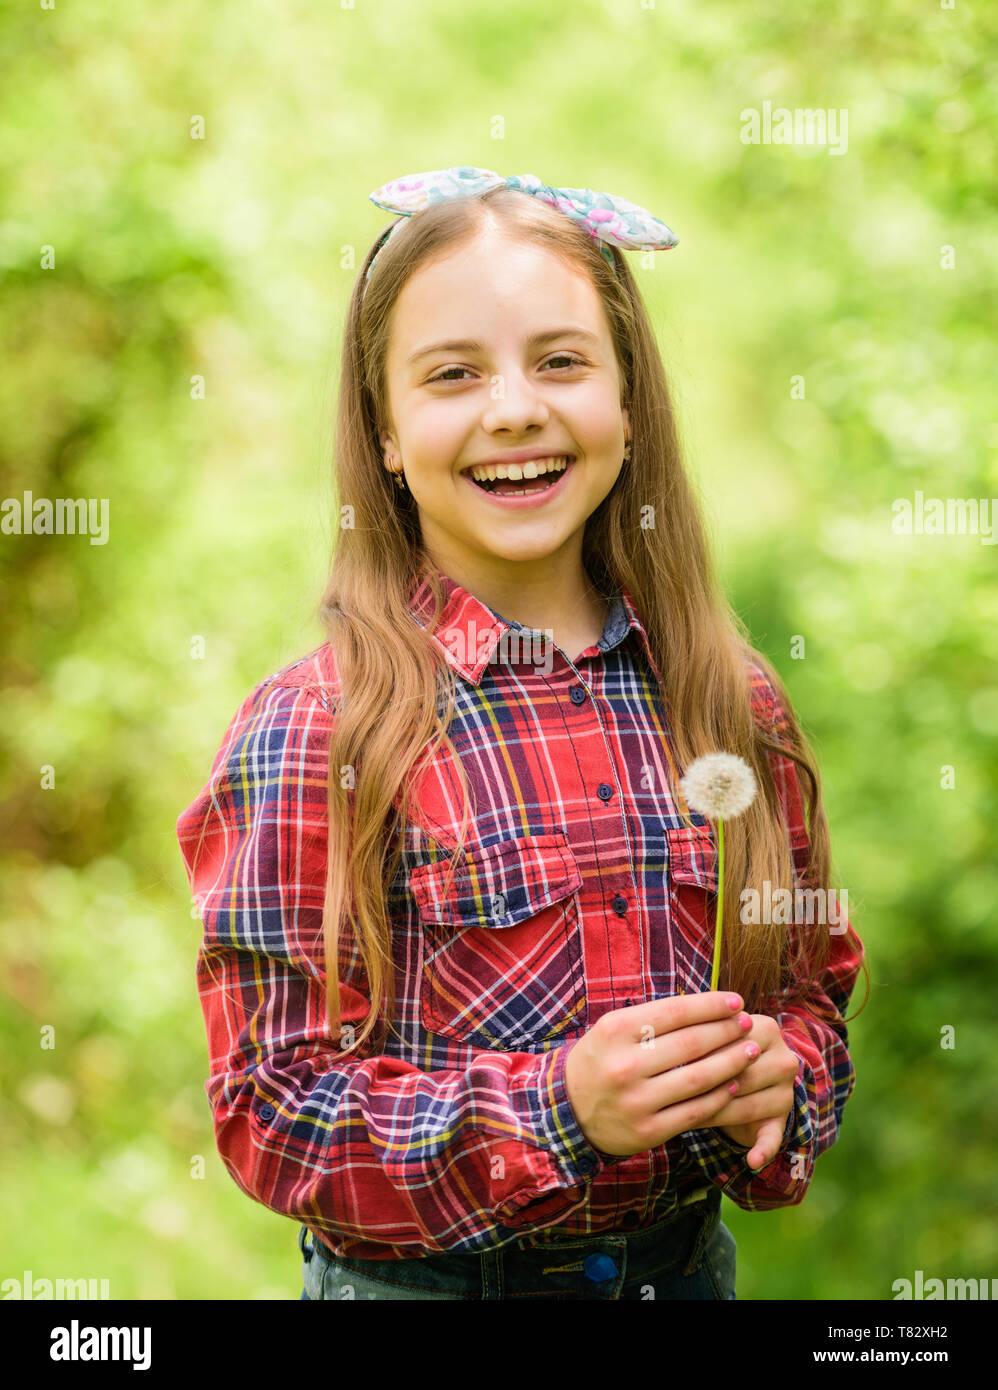 Girl Teen grazioso paese vestito stile rustico camicia a scacchi la natura dello sfondo. Tarassaco è bello e pieno di simbolismi. Per celebrare il ritorno dell'estate. È arrivata l'estate. Giardino estivo fiore. Immagini Stock